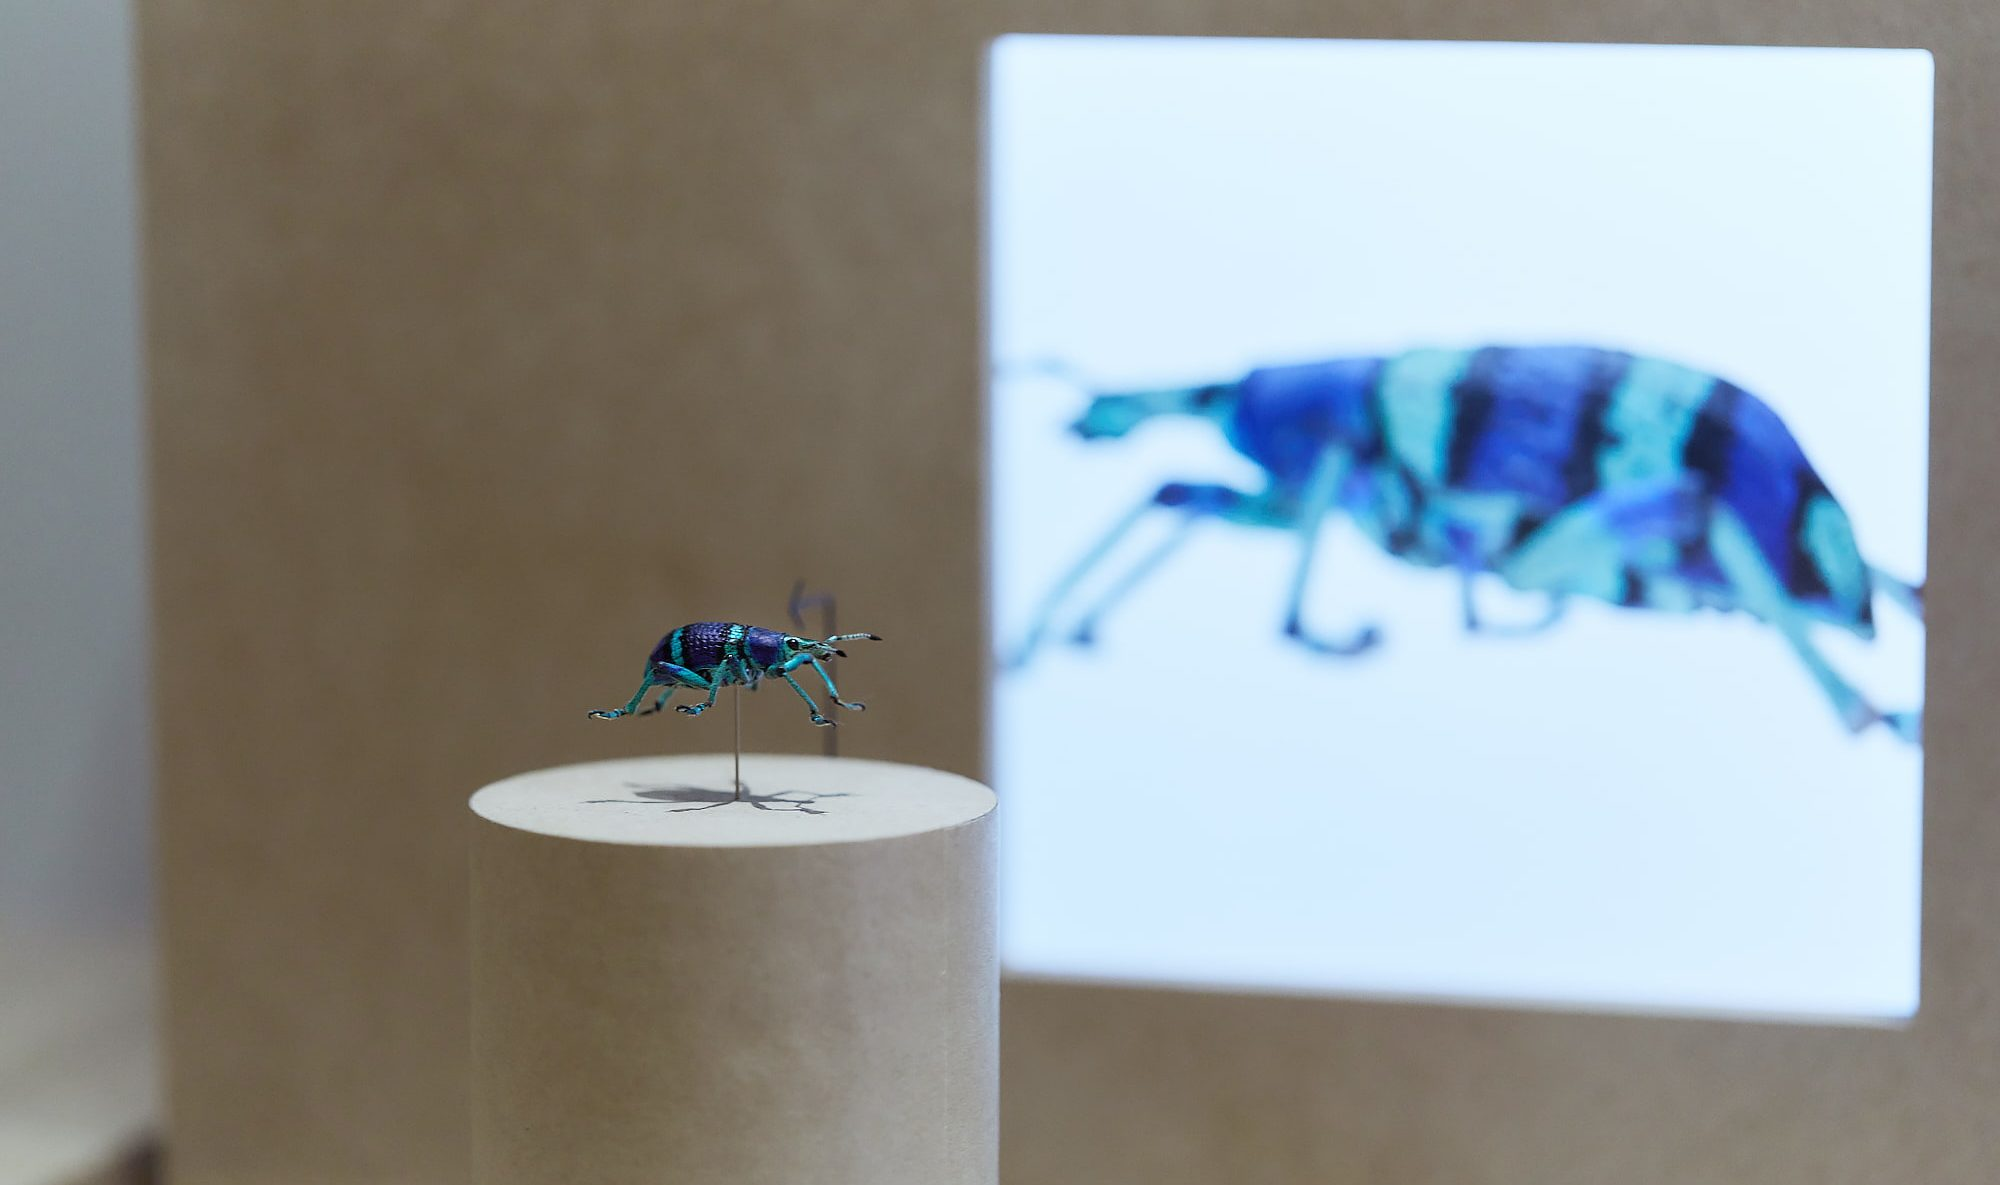 デザインの視点で、 虫と自然を捉え直す